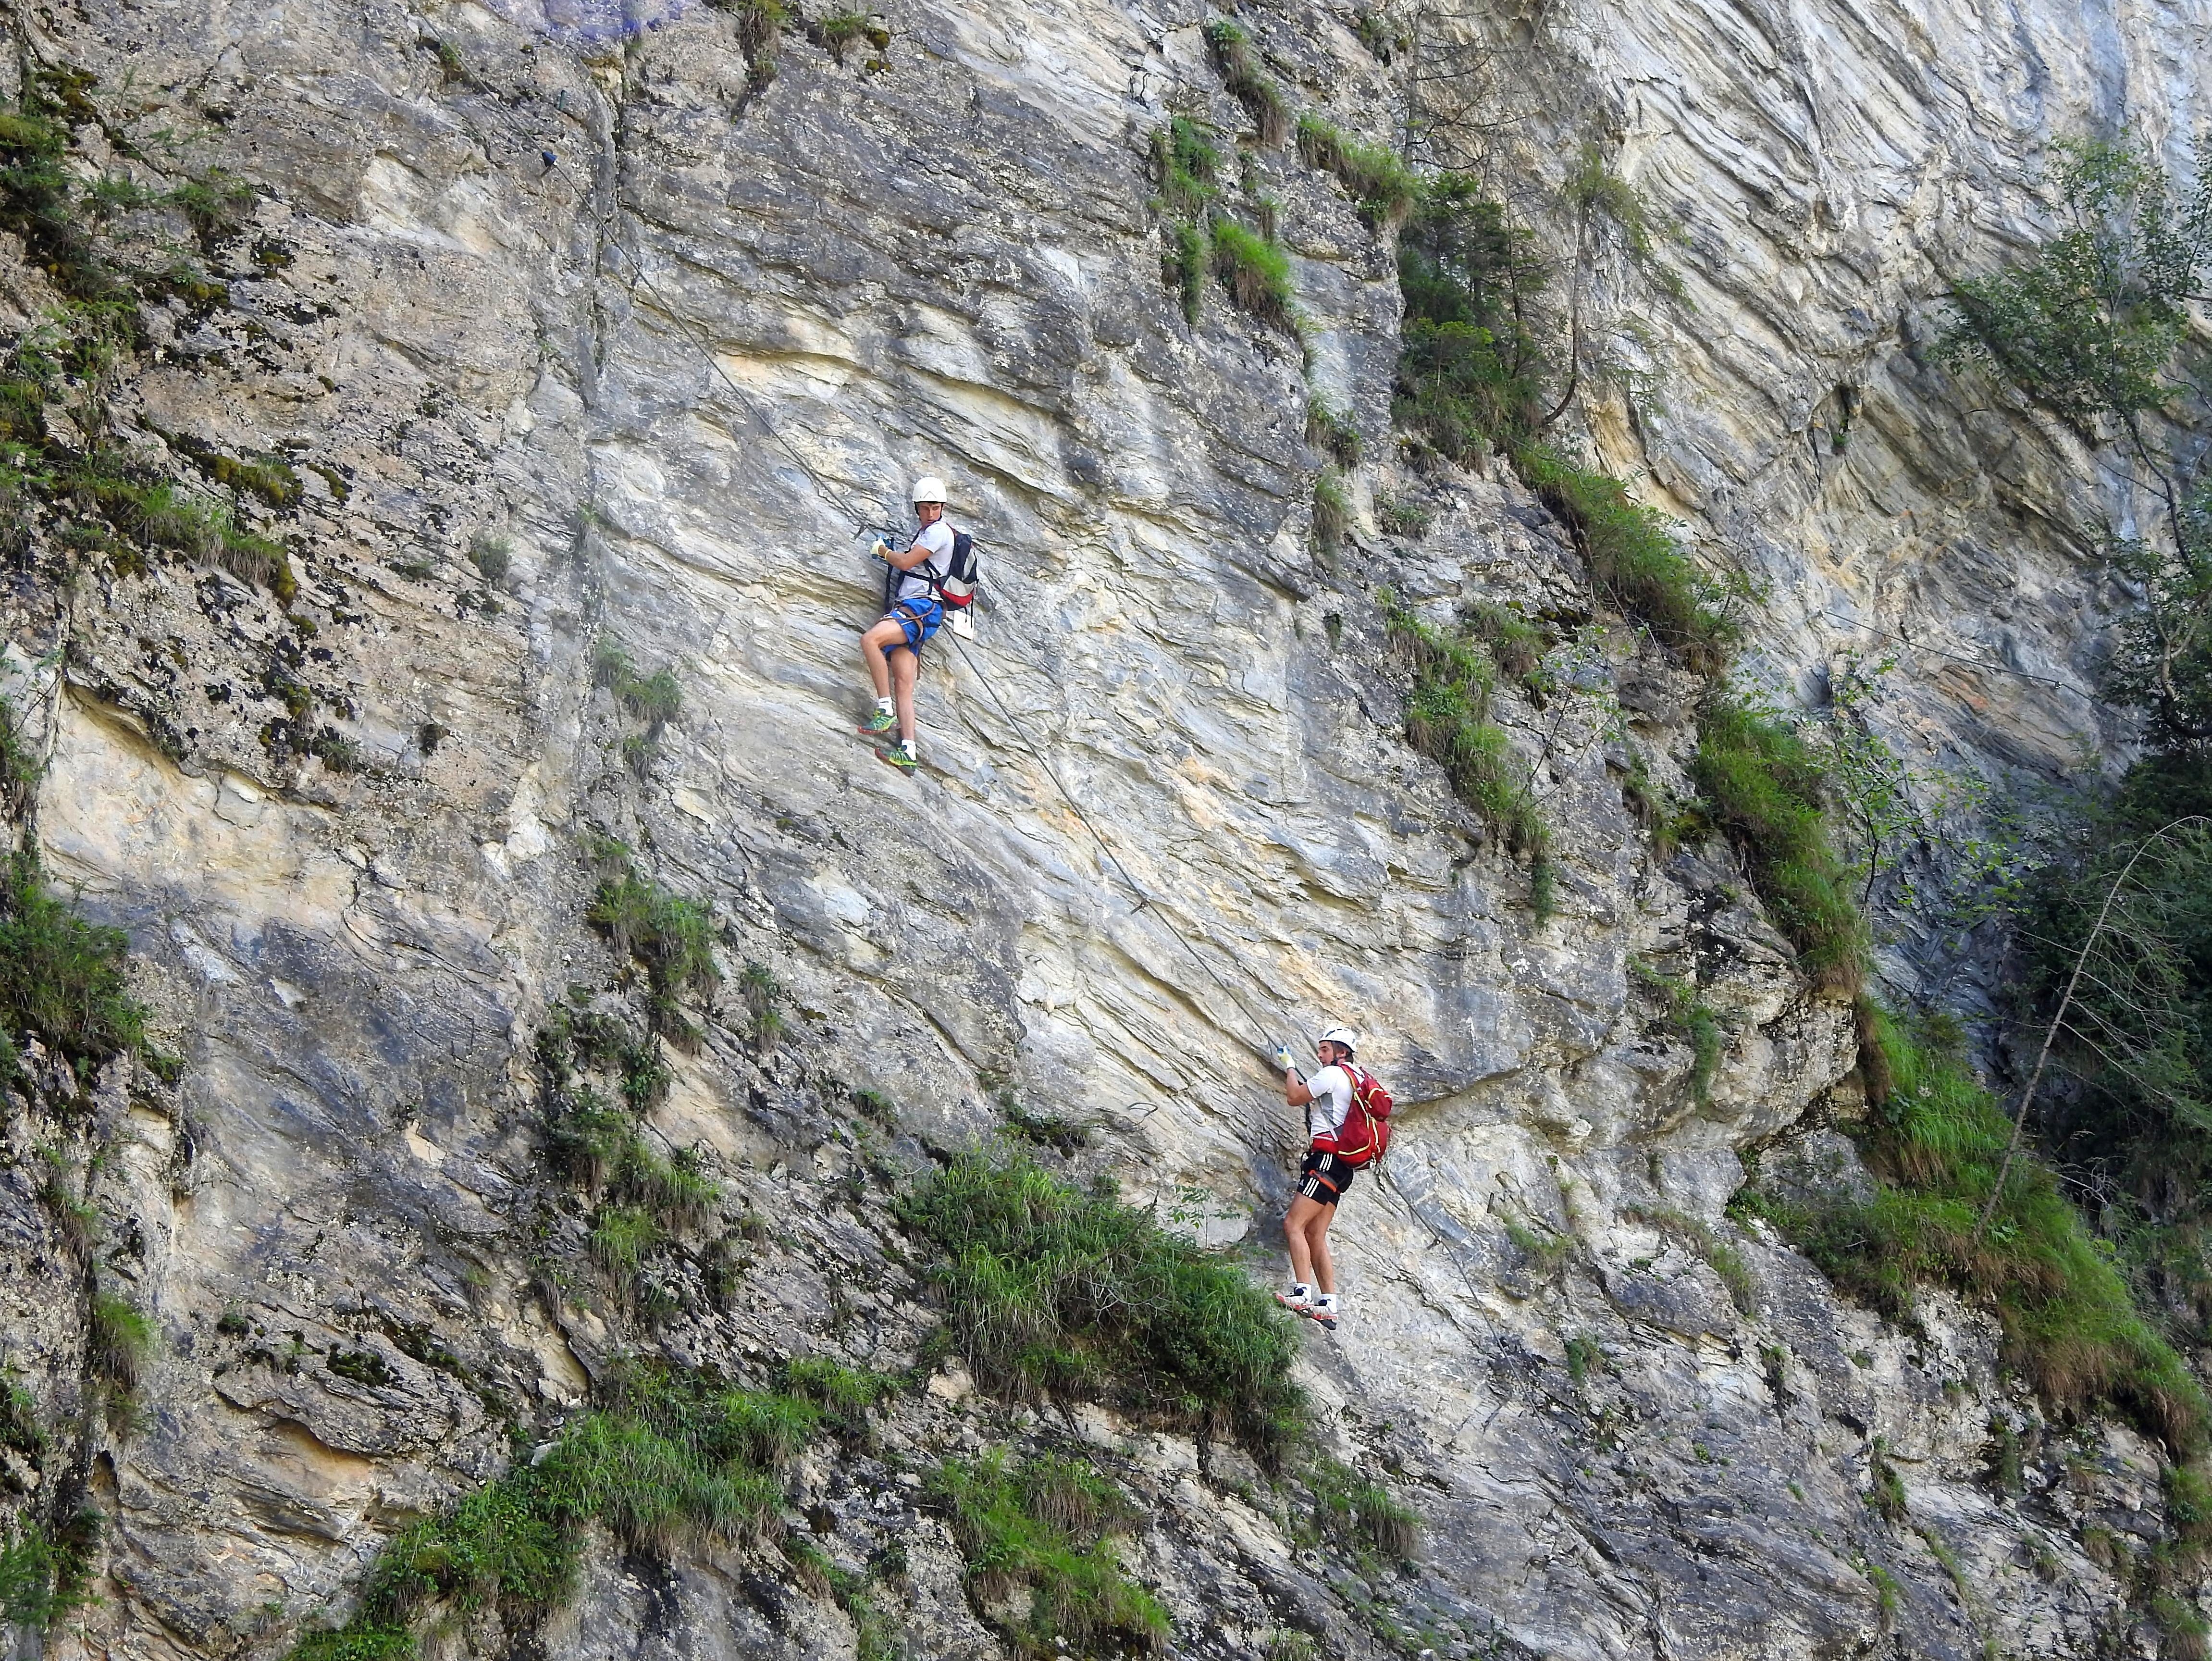 Klettersteig Kitzbühel : File kitz klettersteig mittlerer bereich g wikimedia commons